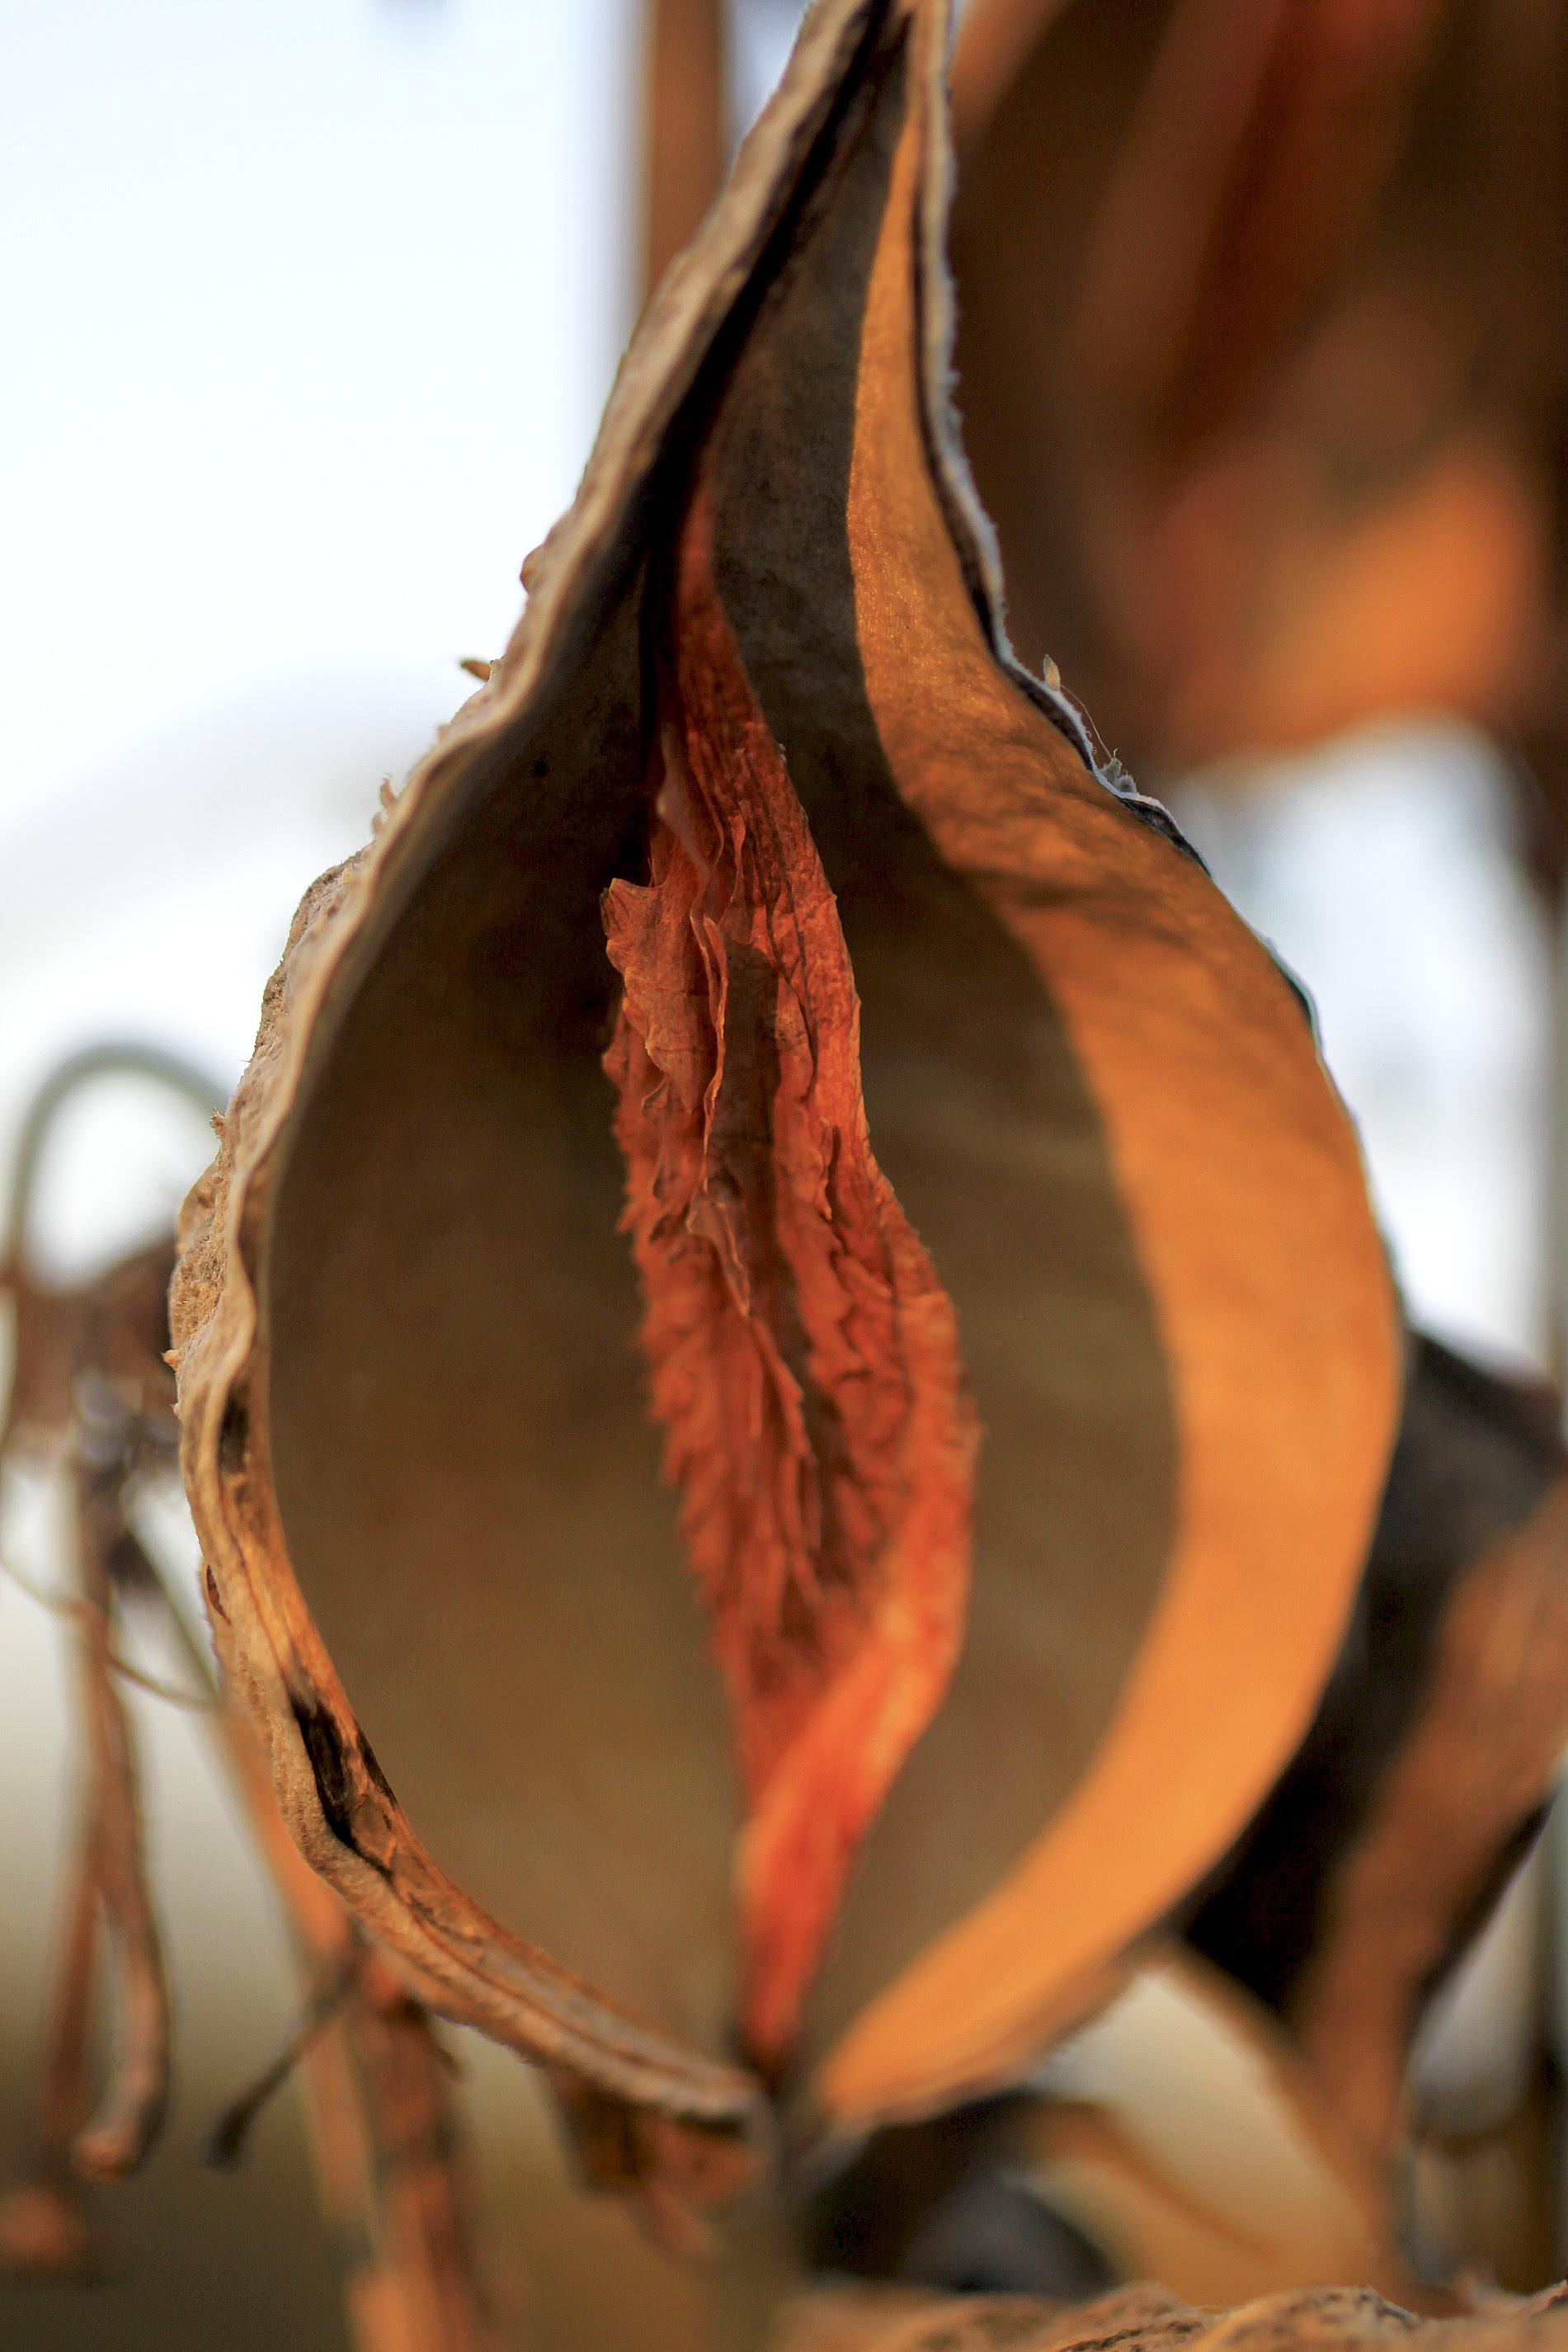 milkweed pod inside